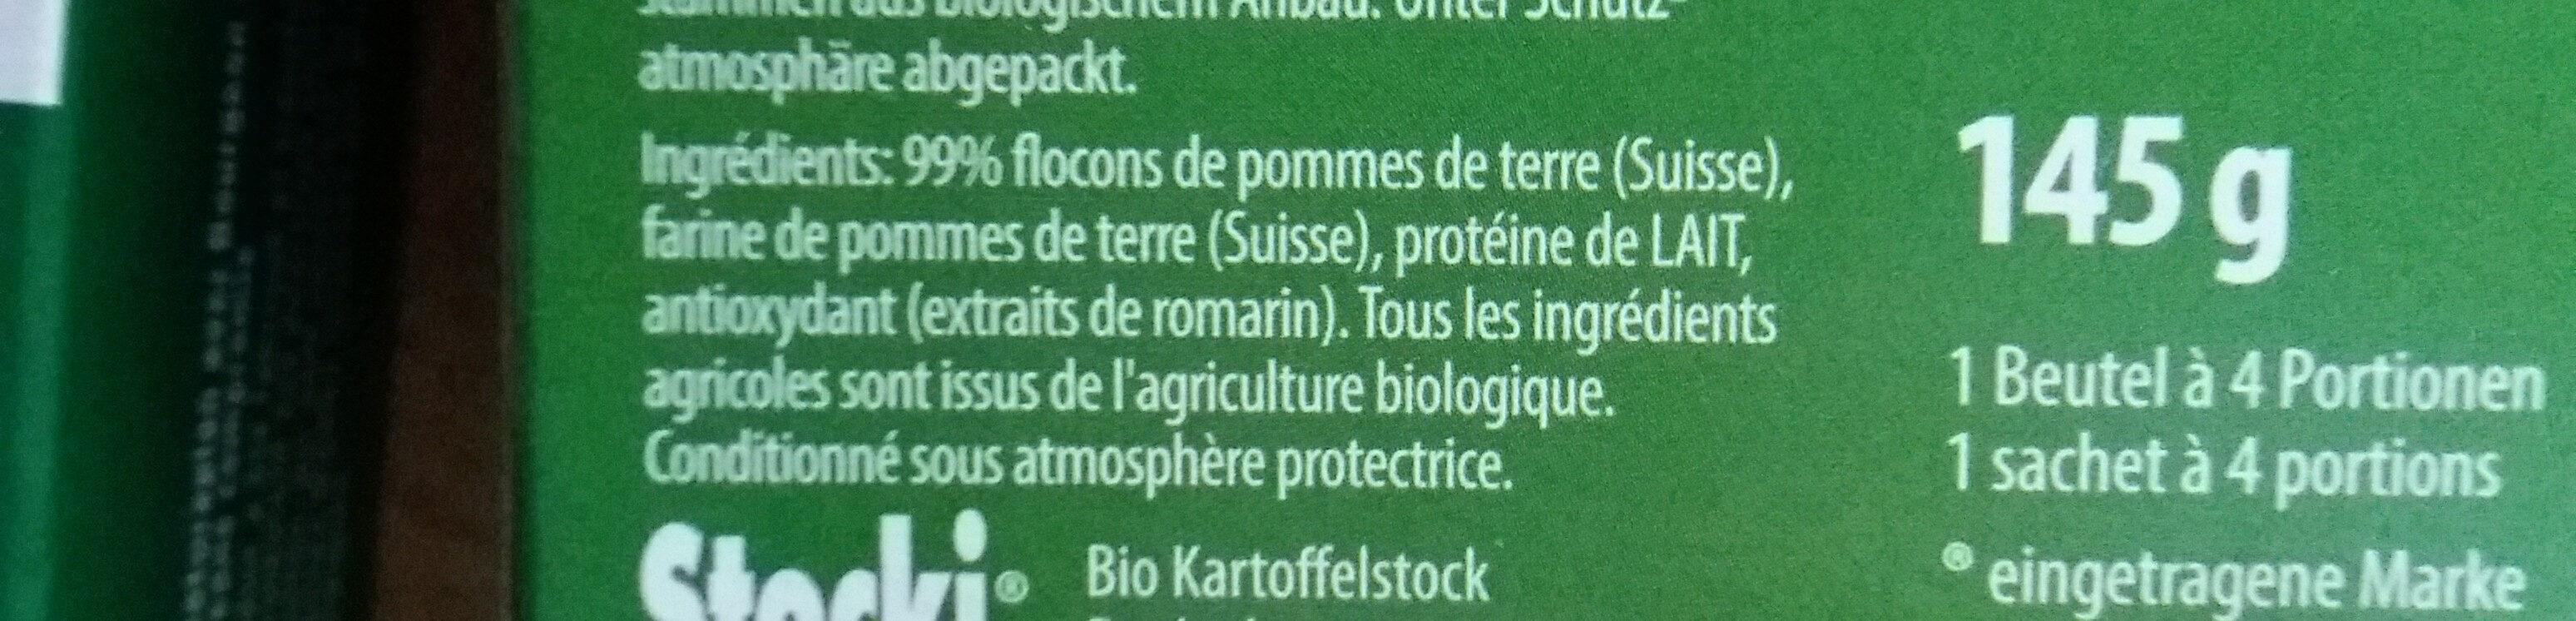 Stocki purée bio - Ingrediënten - fr